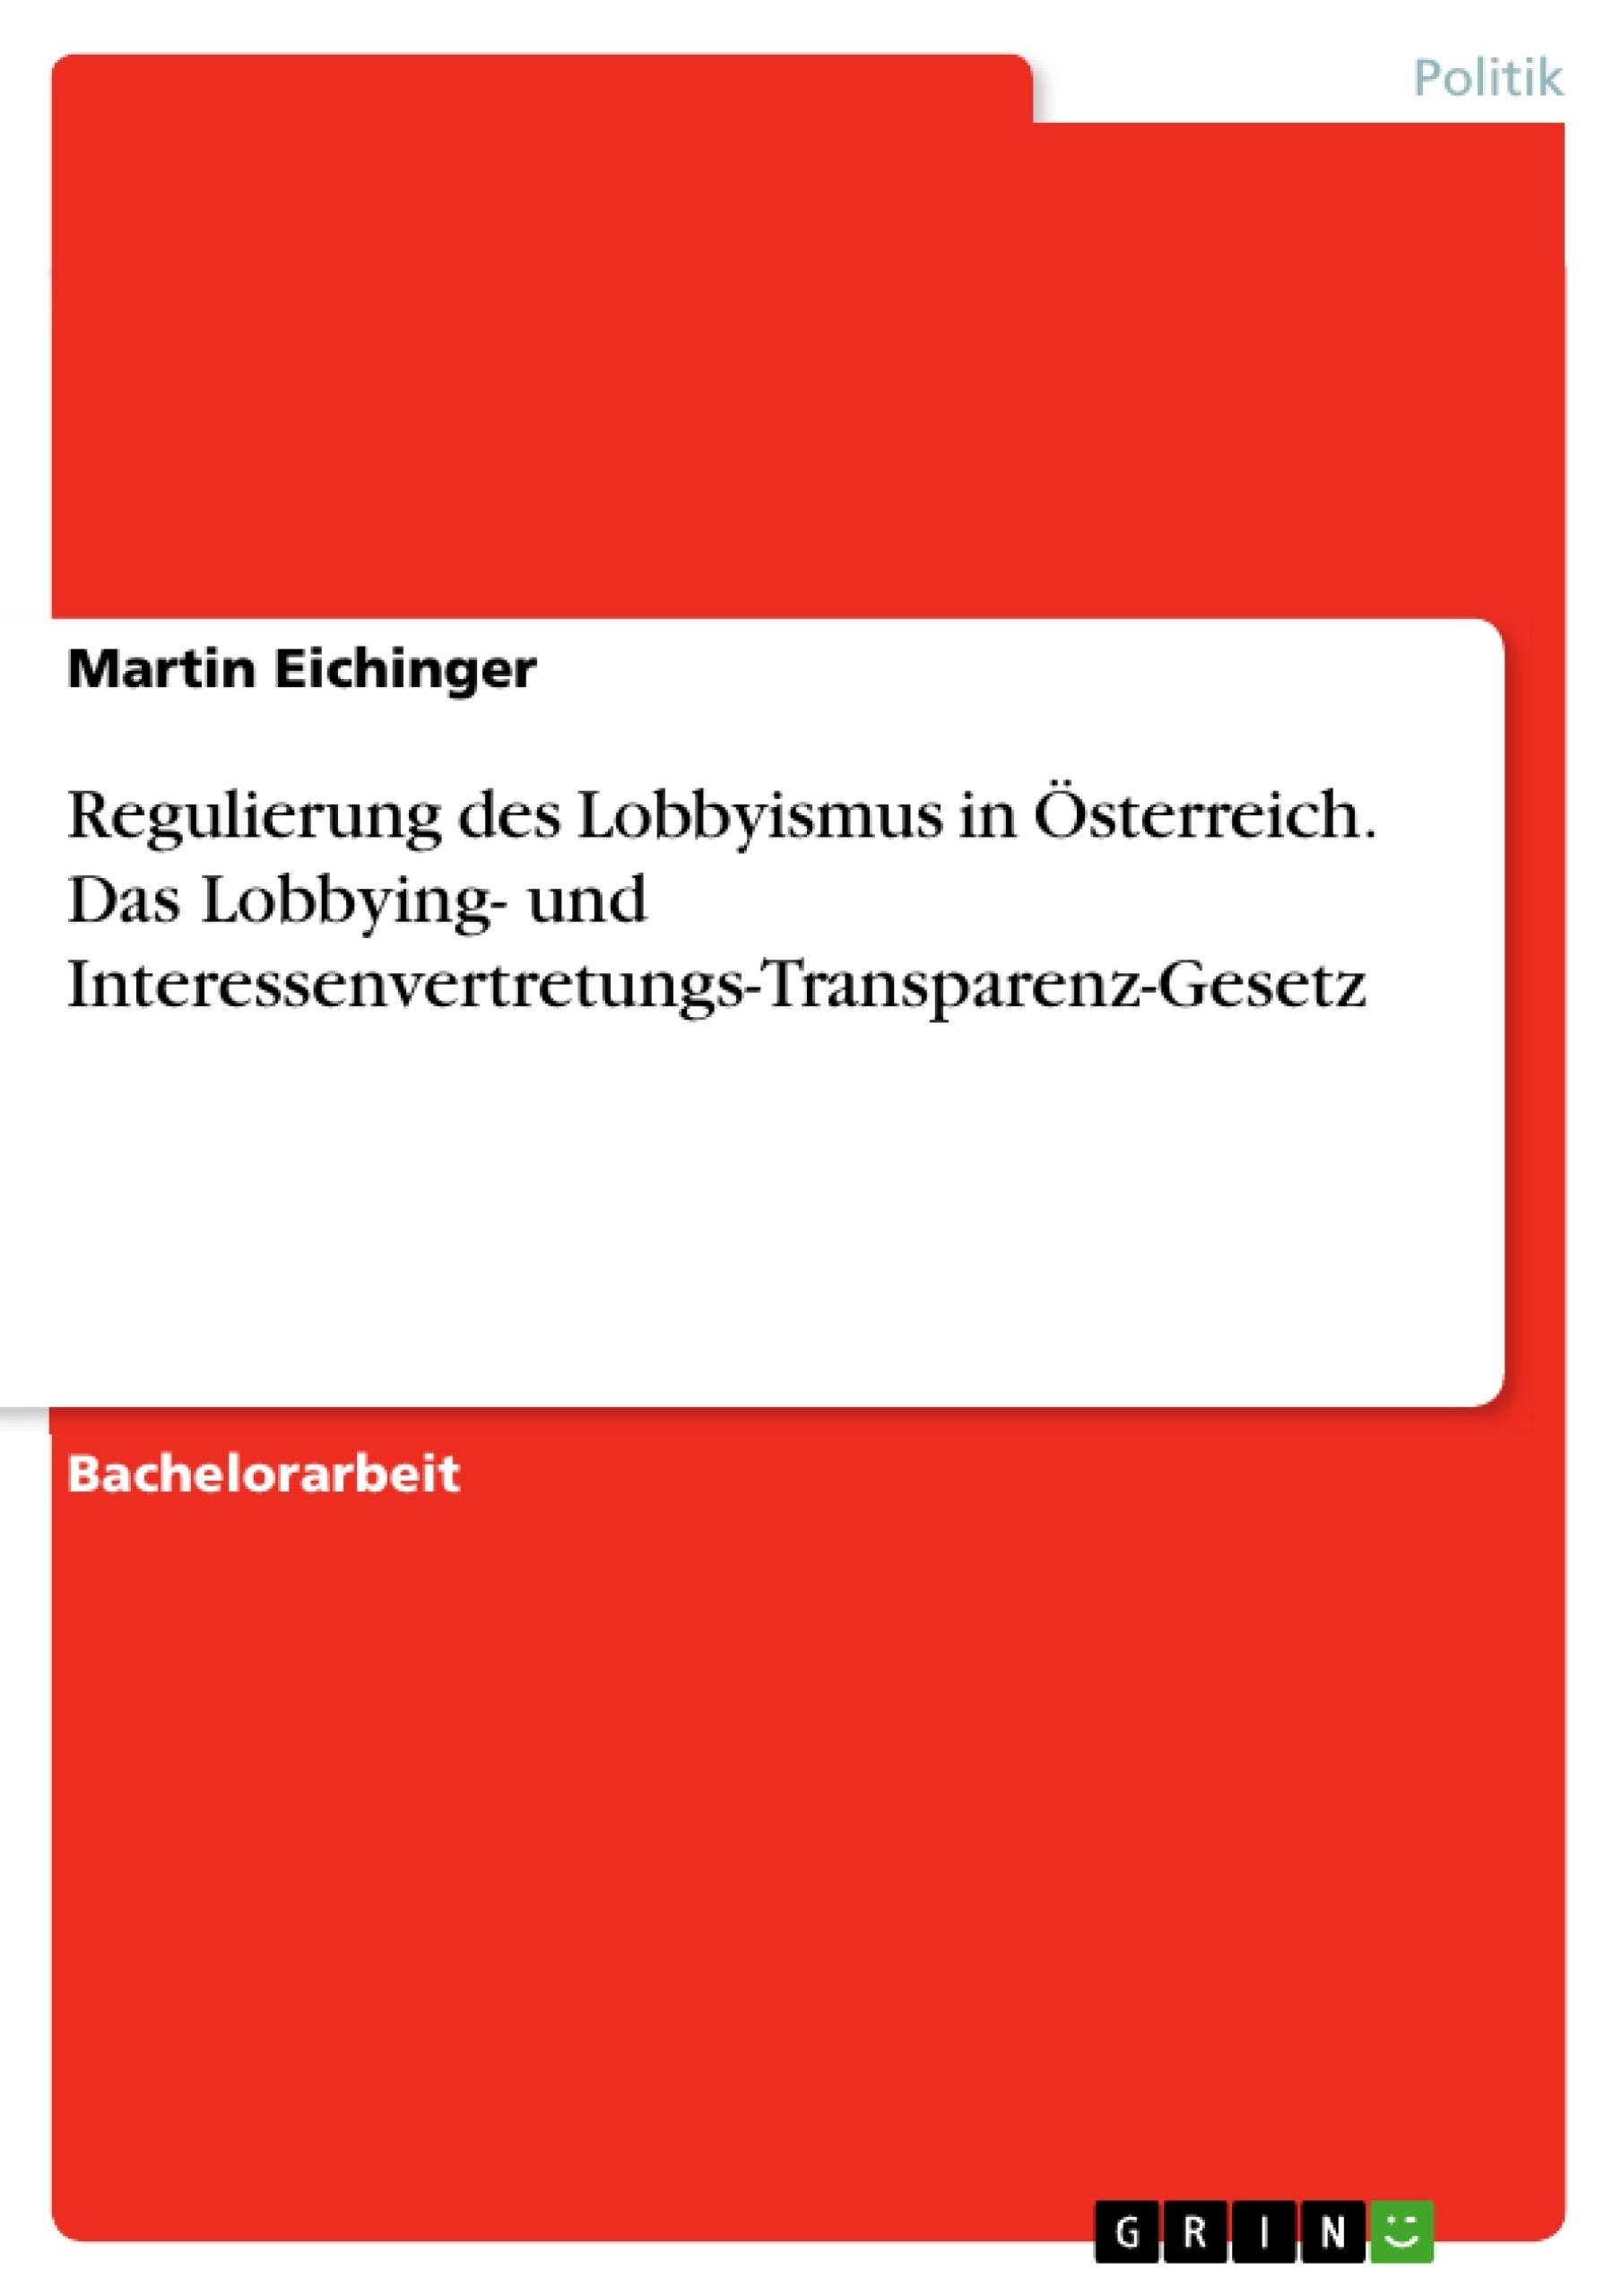 Titel: Regulierung des Lobbyismus in Österreich. Das Lobbying- und Interessenvertretungs-Transparenz-Gesetz